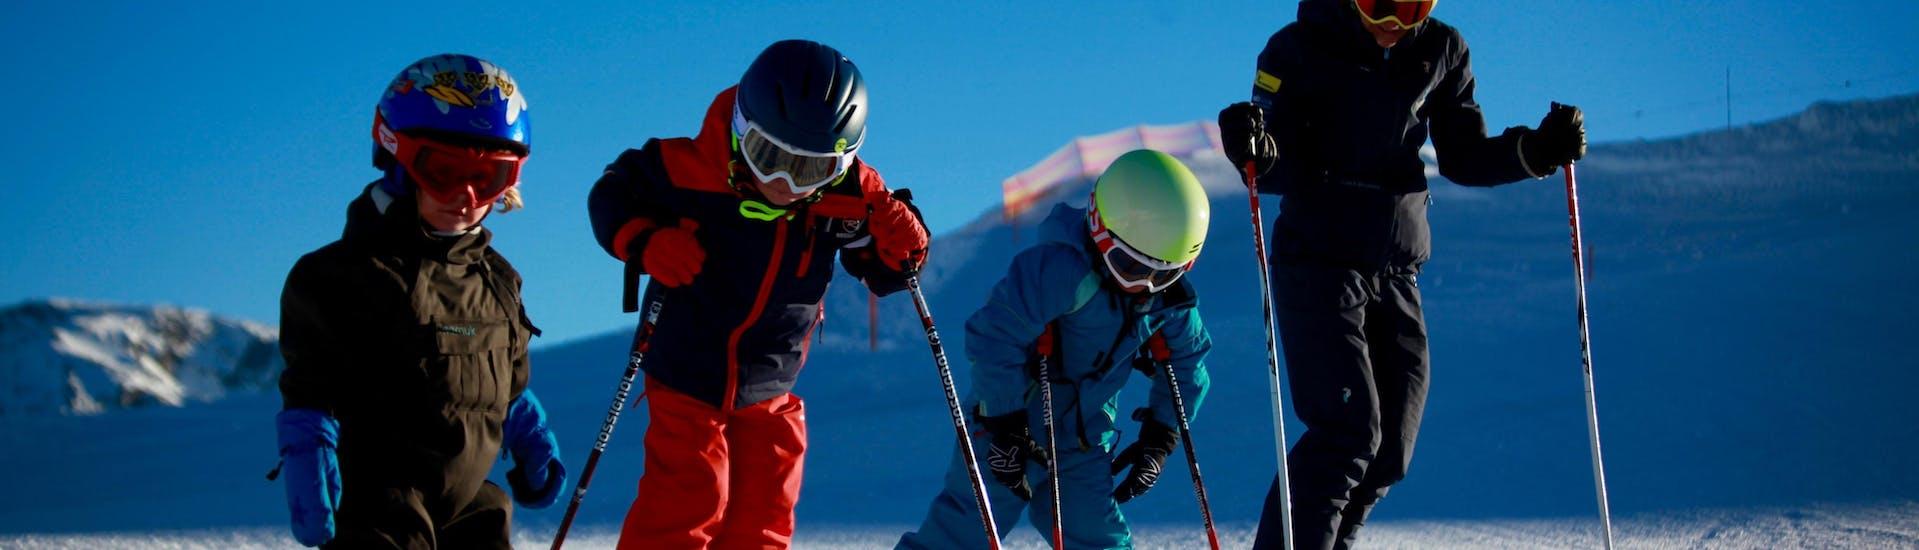 Cours particulier de ski Enfants pour Tous niveaux - Matin